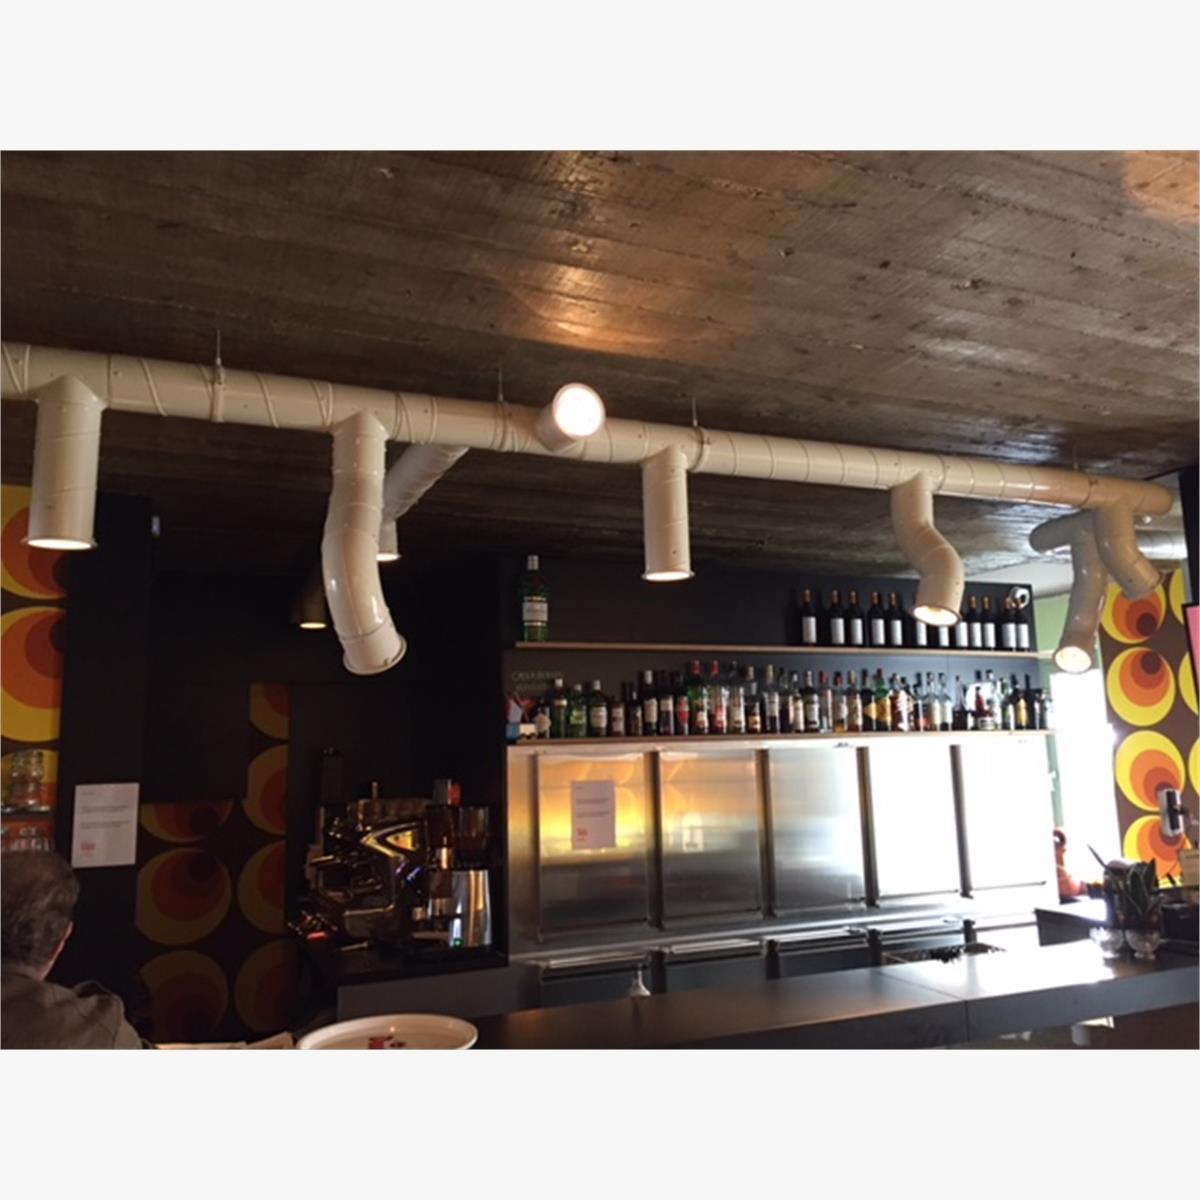 Afbeeldingen van Verlichting buizensysteem met inbouwspots lampen - 10-tallen meters lang